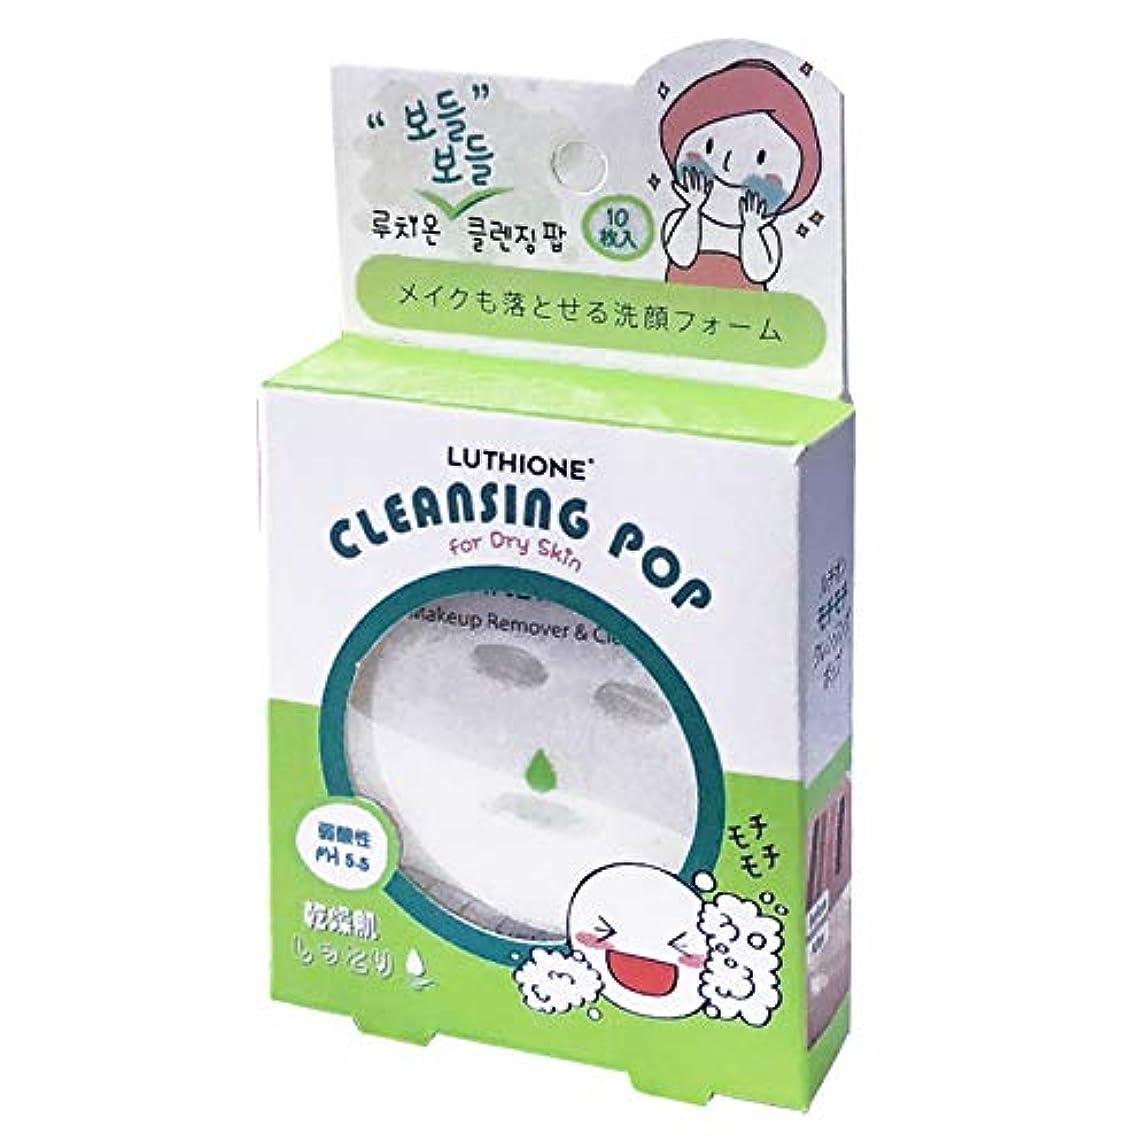 コメントのヒープ発明【まとめ買い】ルチオン クレンジングポップ (LUTHIONE CLEANSING POP) 乾燥肌 10枚入り ×6個